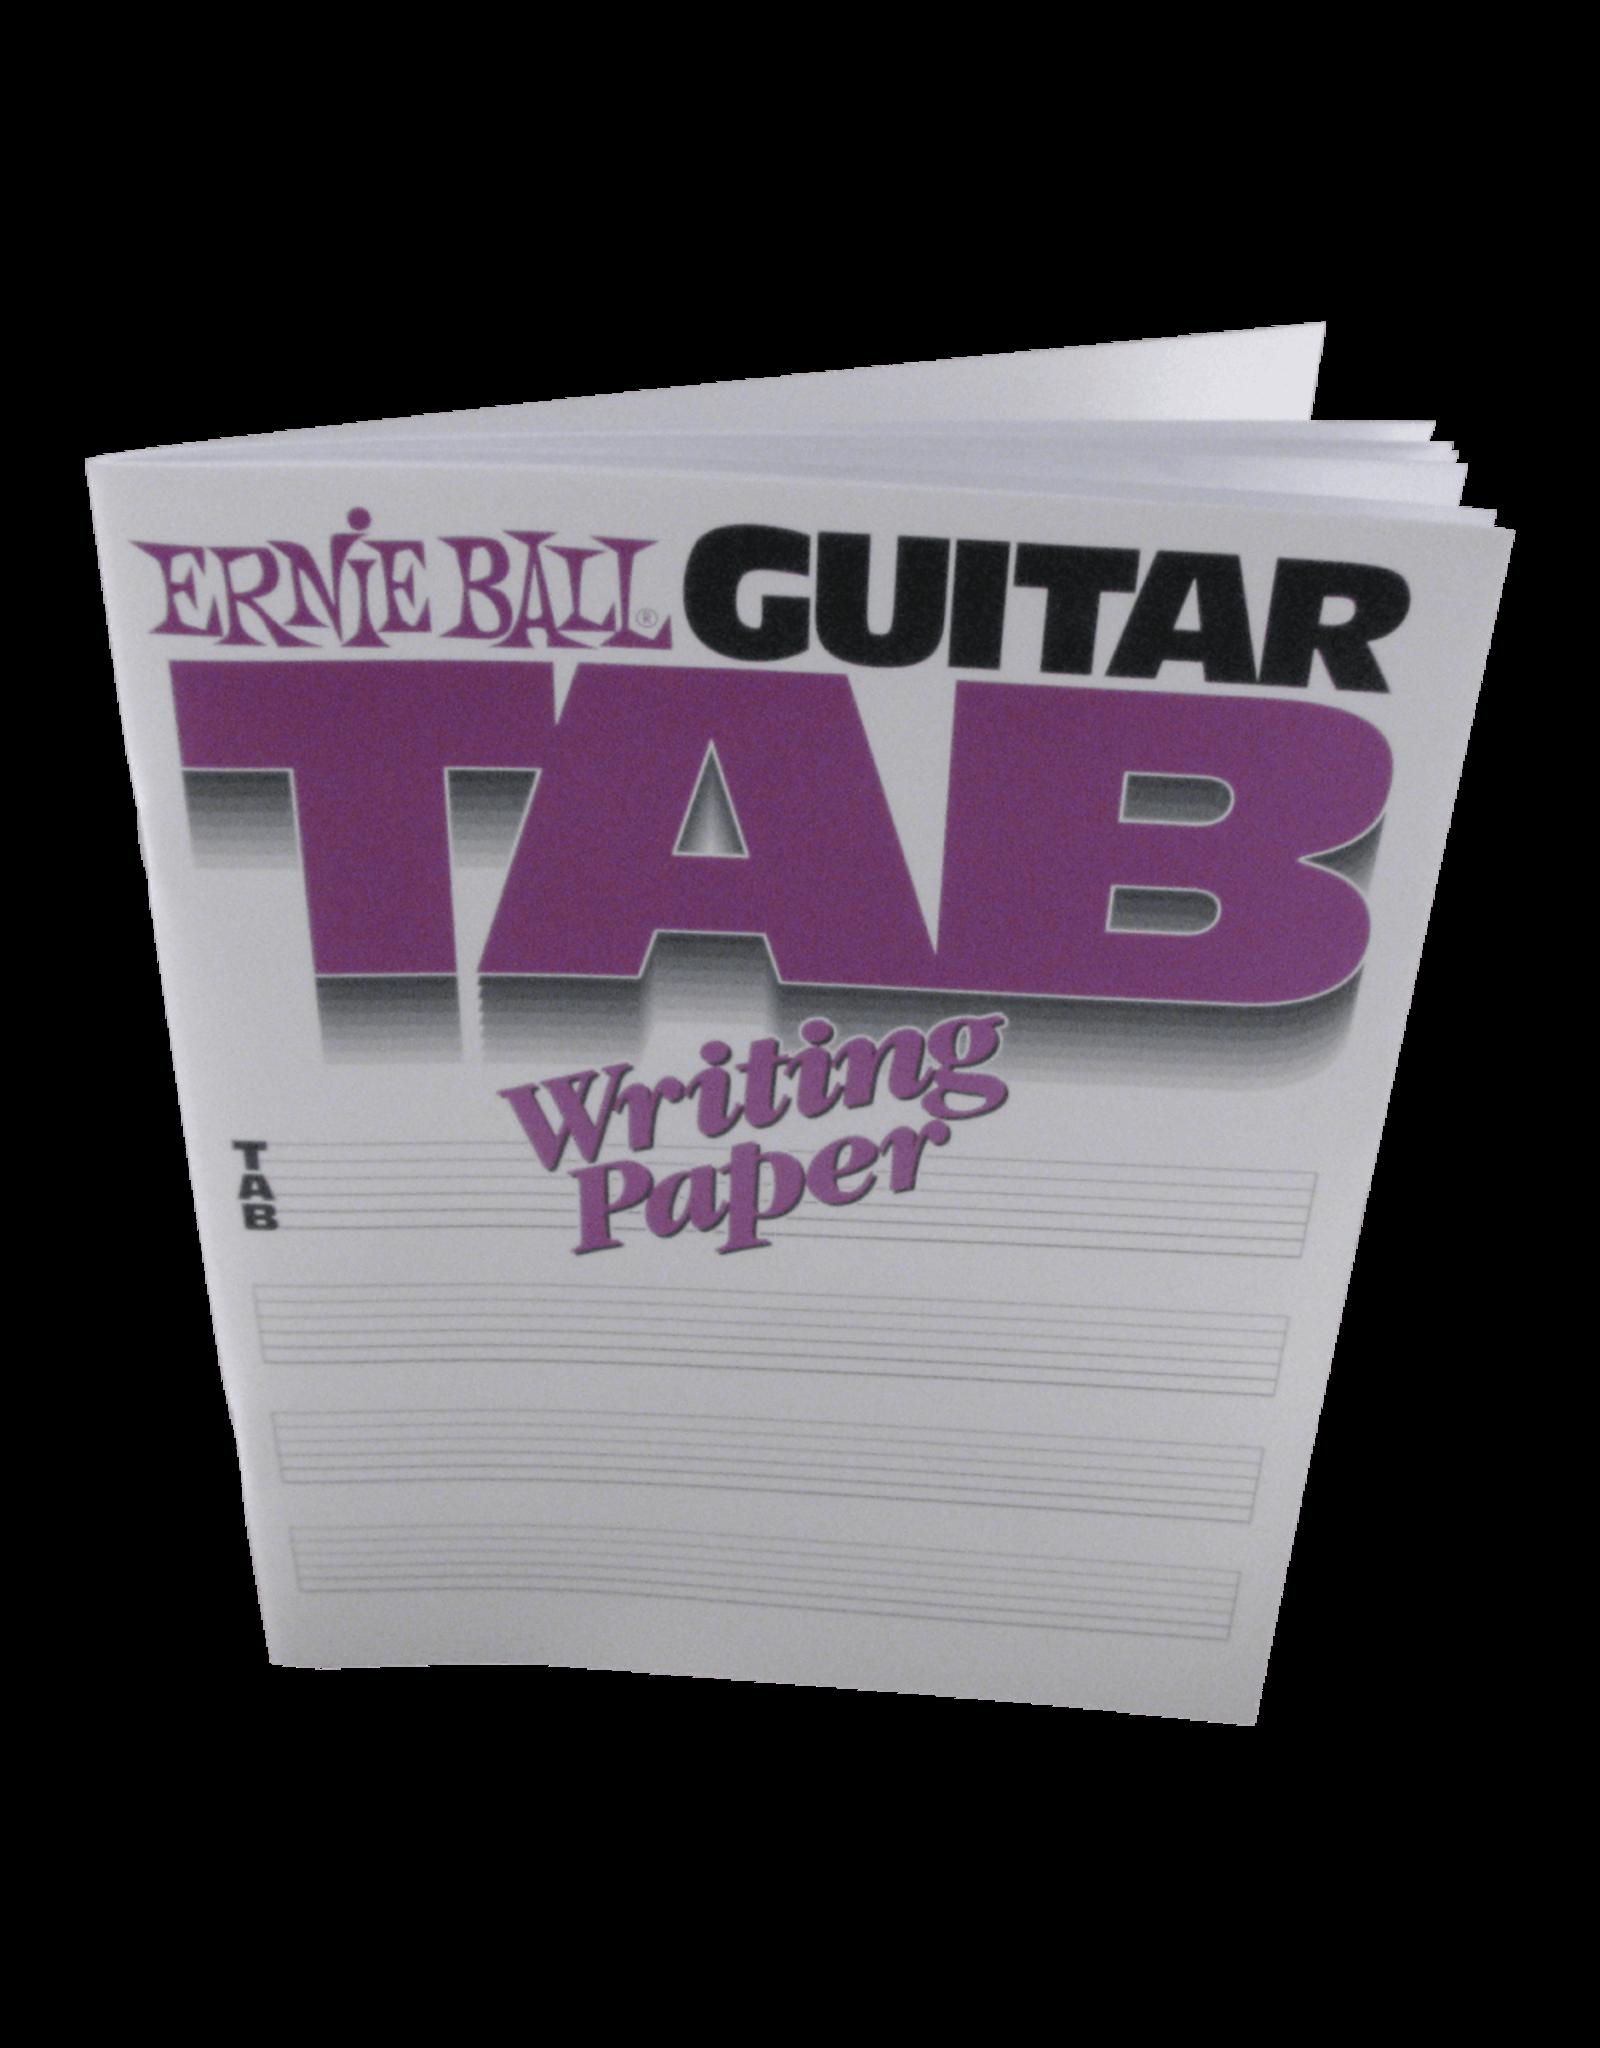 Ernie Ball Ernie Ball Guitar Tab Writing Paper